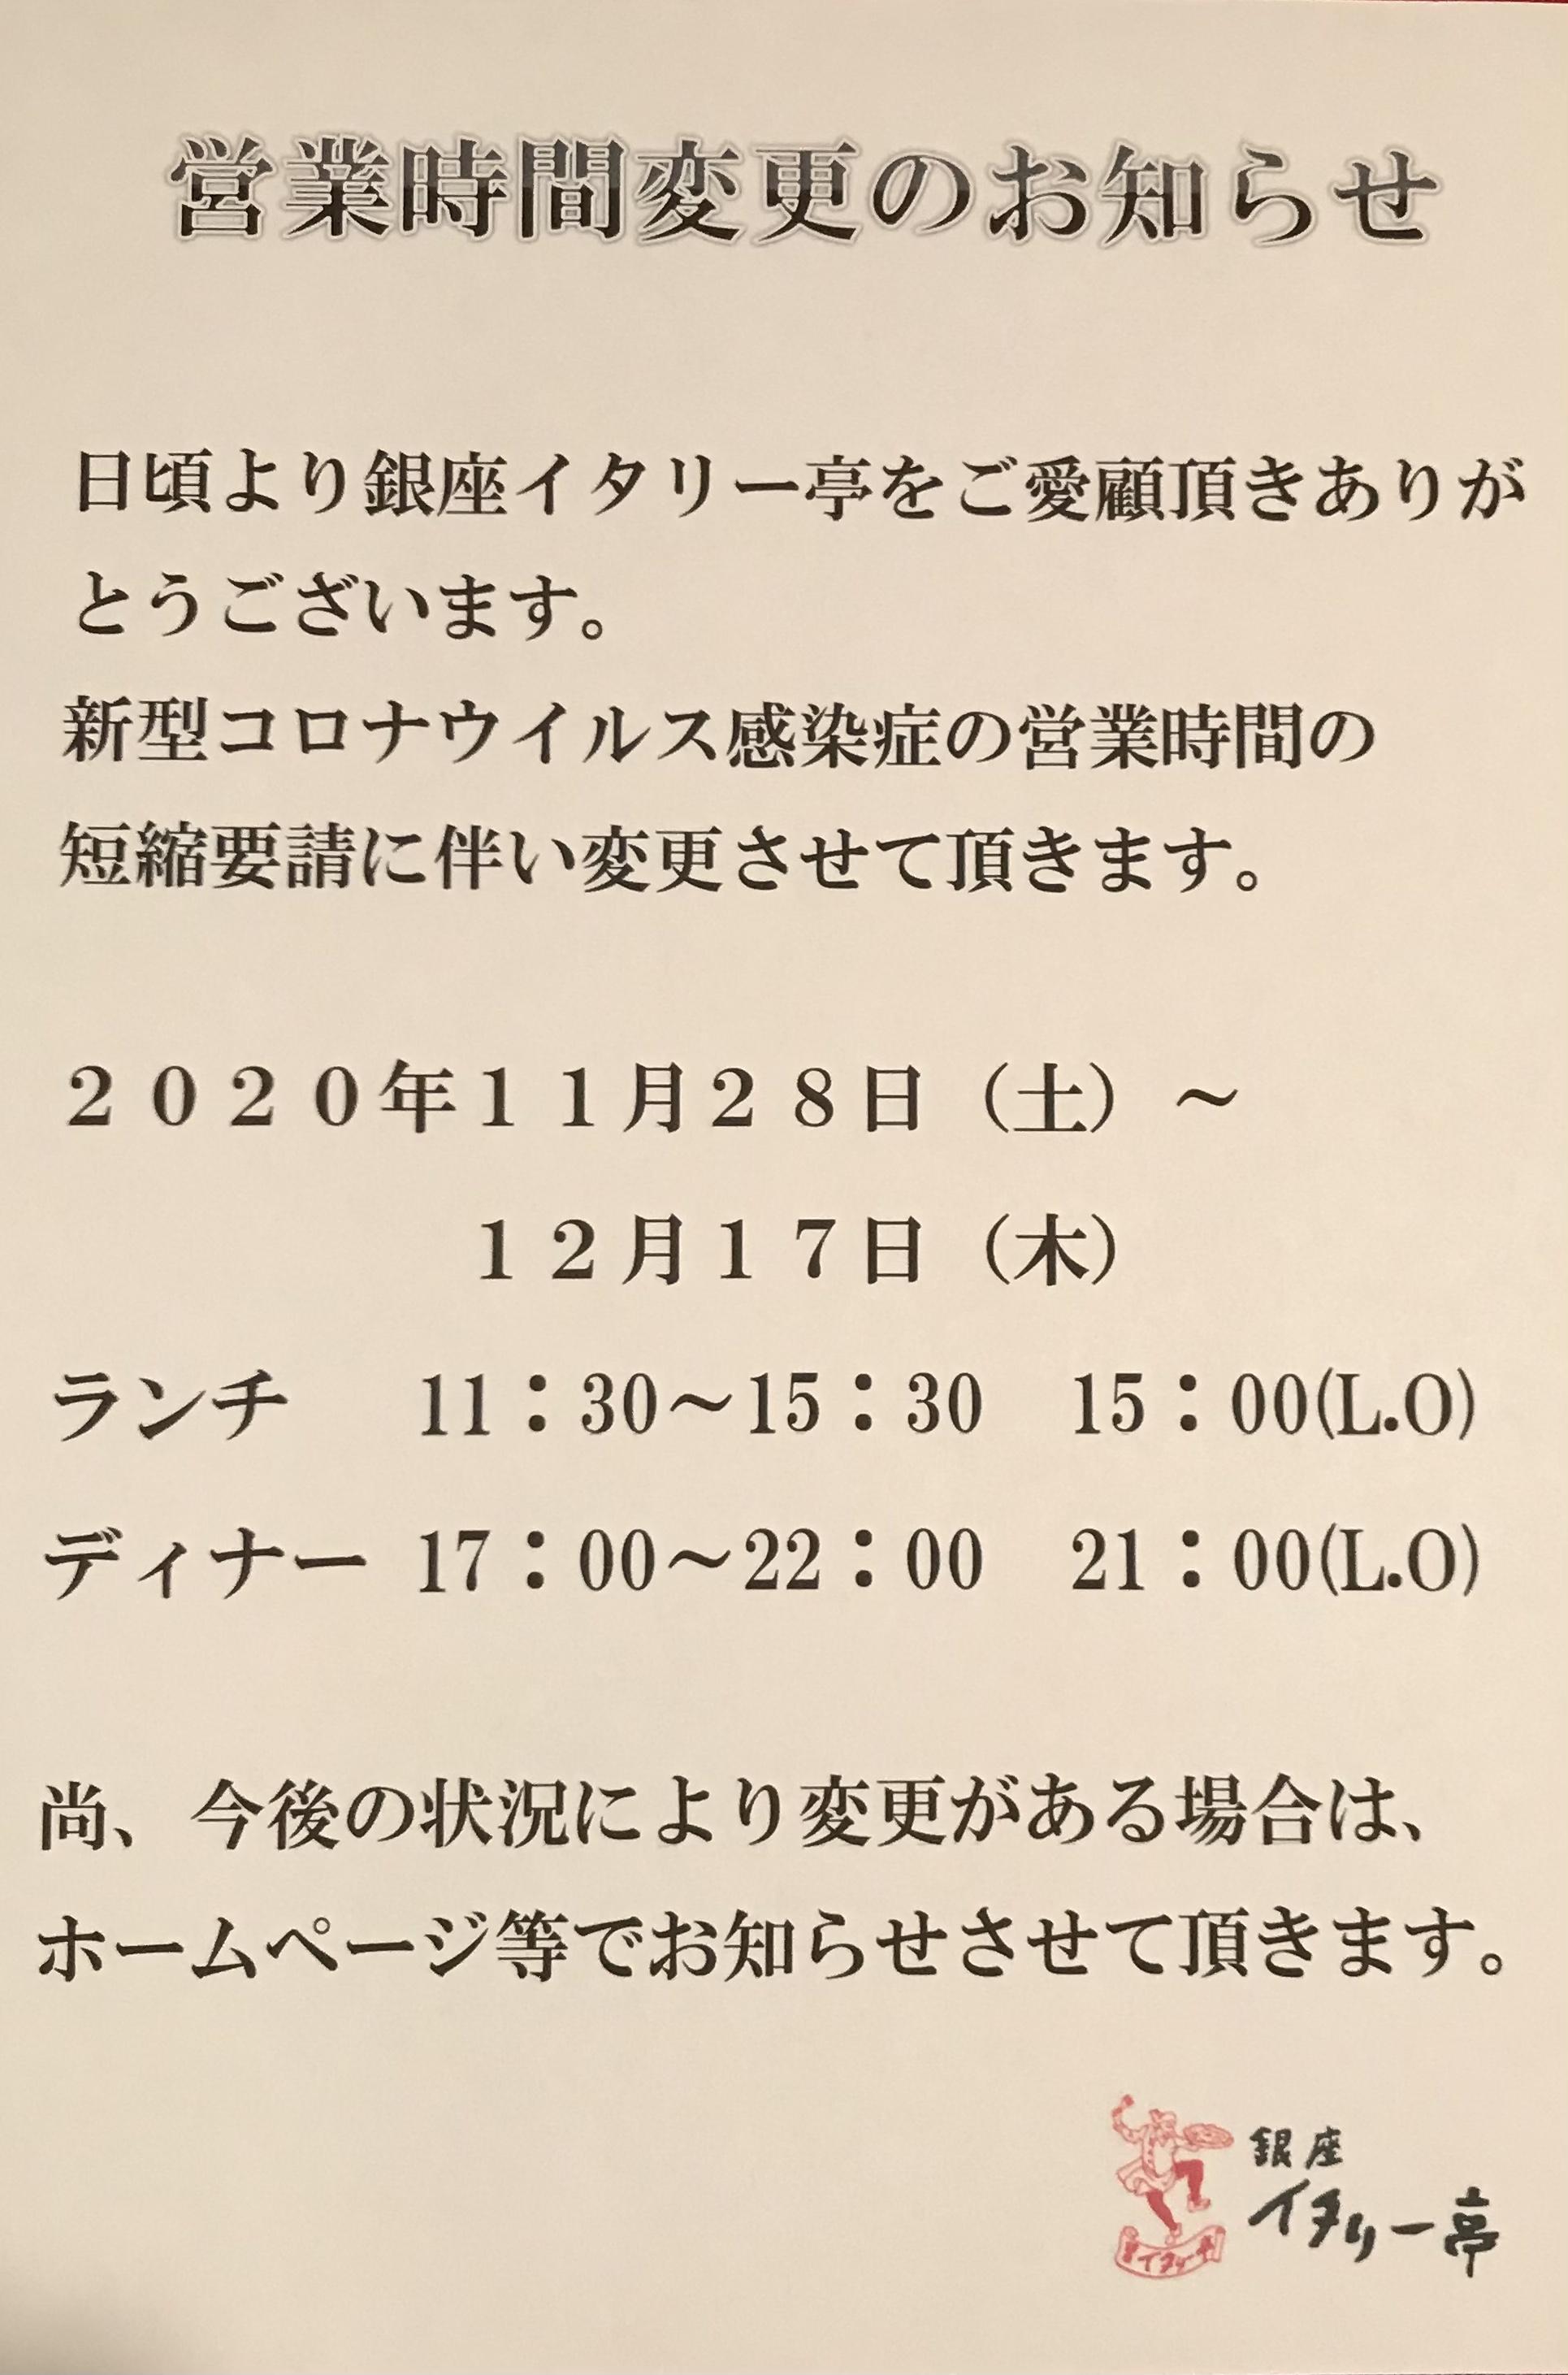 東京都の営業時間の短縮要請